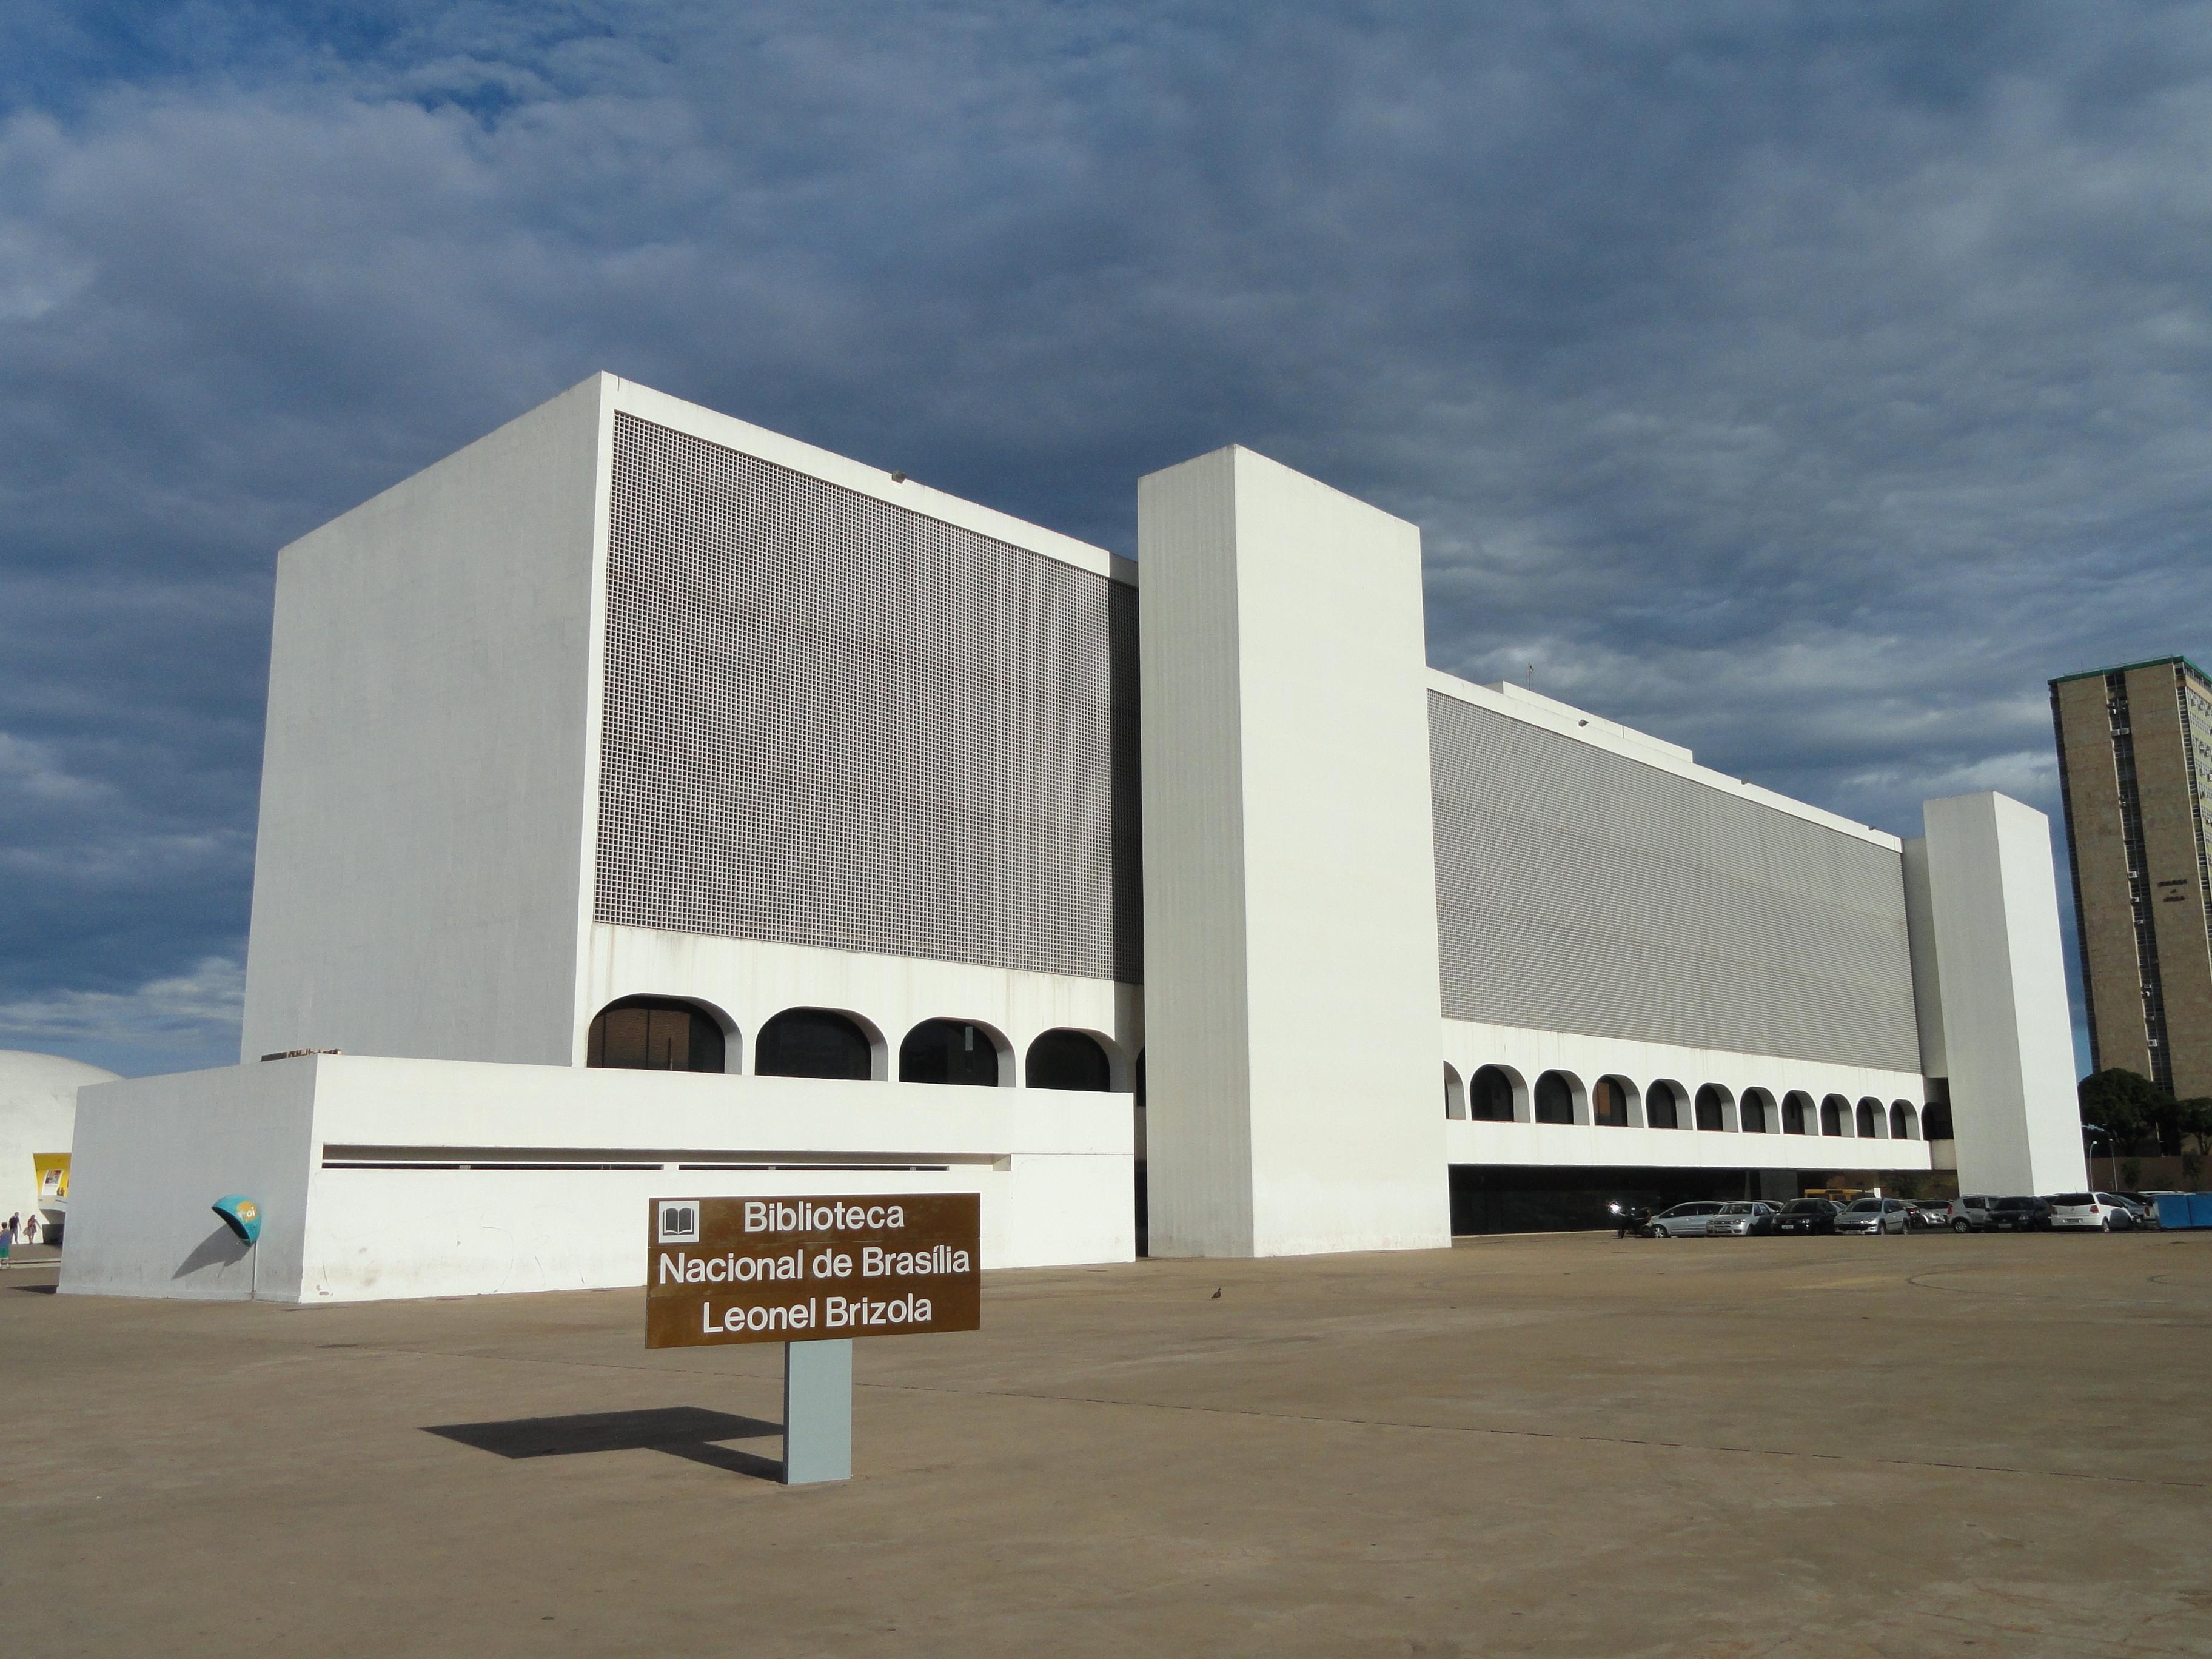 File:Biblioteca Nacional de Brasília